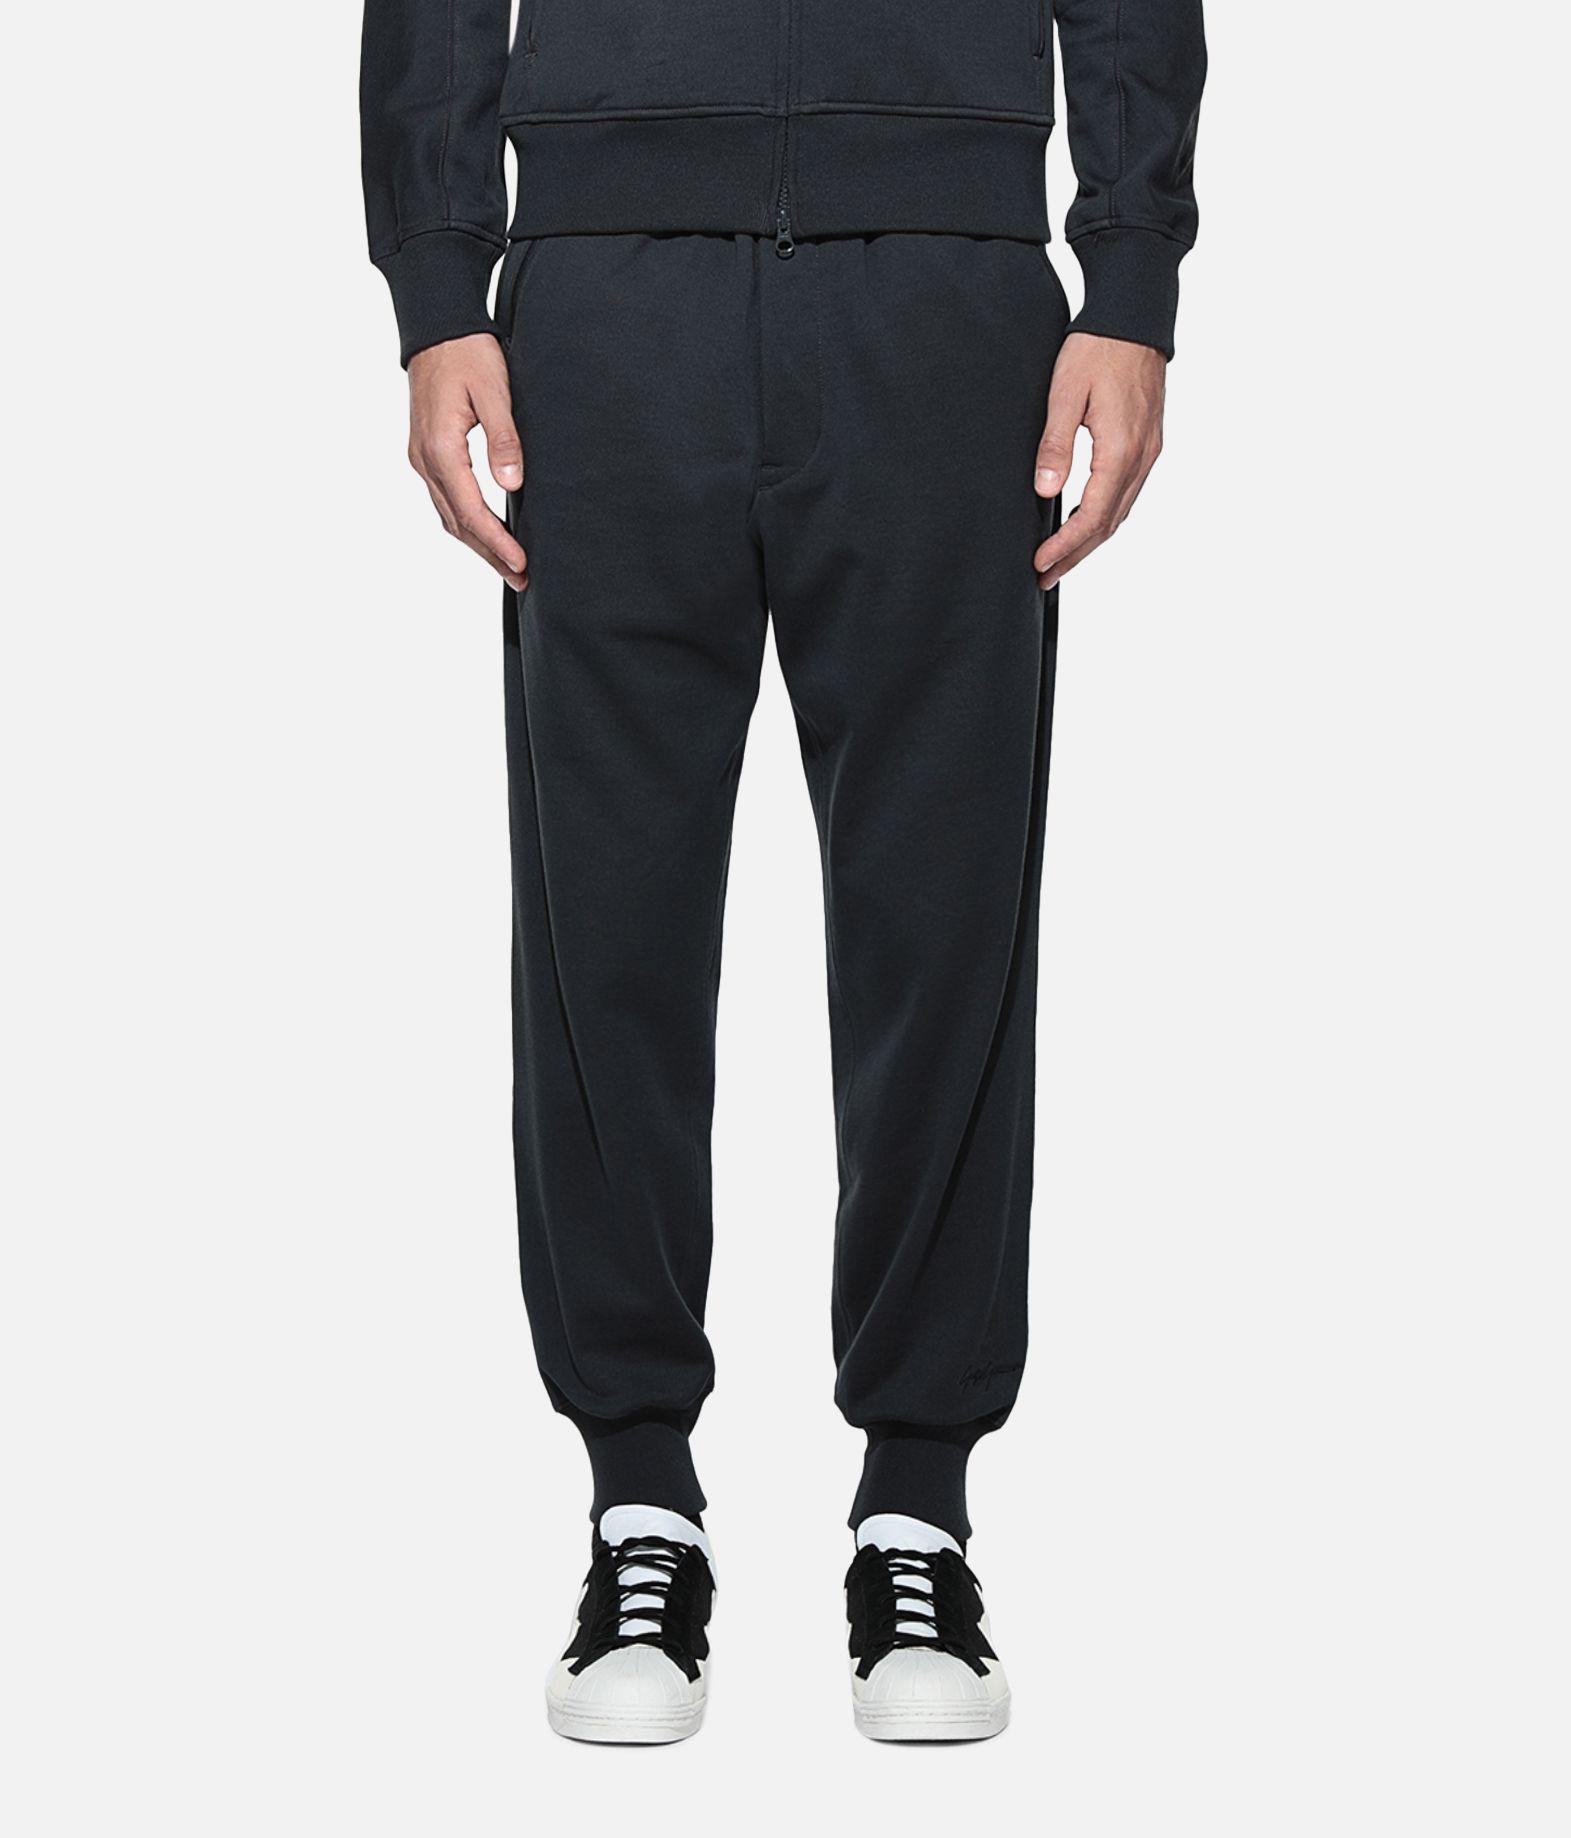 Y-3 Y-3 Classic Cuffed Pants スウェットパンツ メンズ r